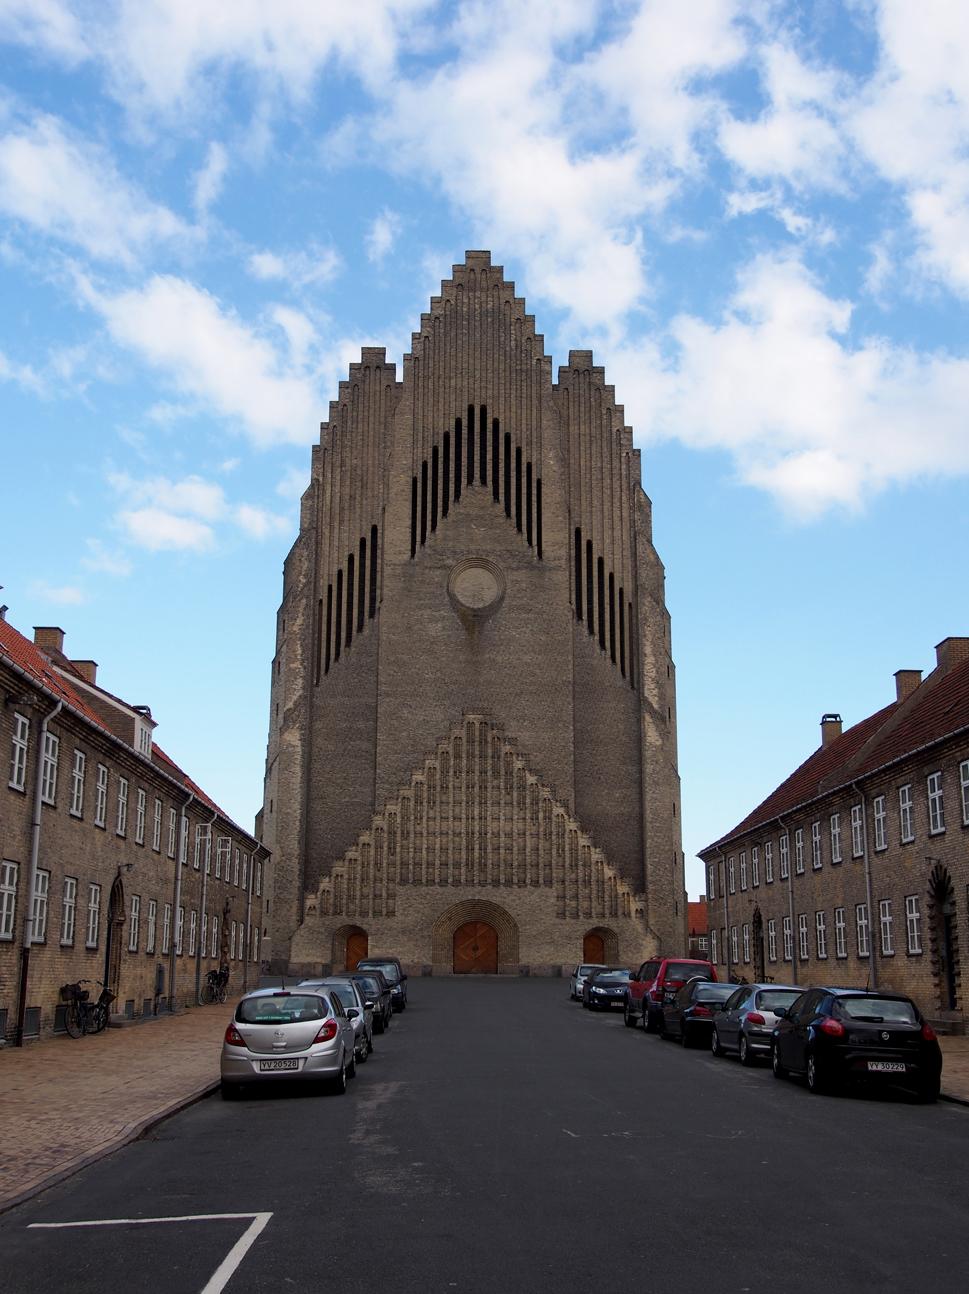 グルントヴィークス教会/P.V. Jensen-Klint